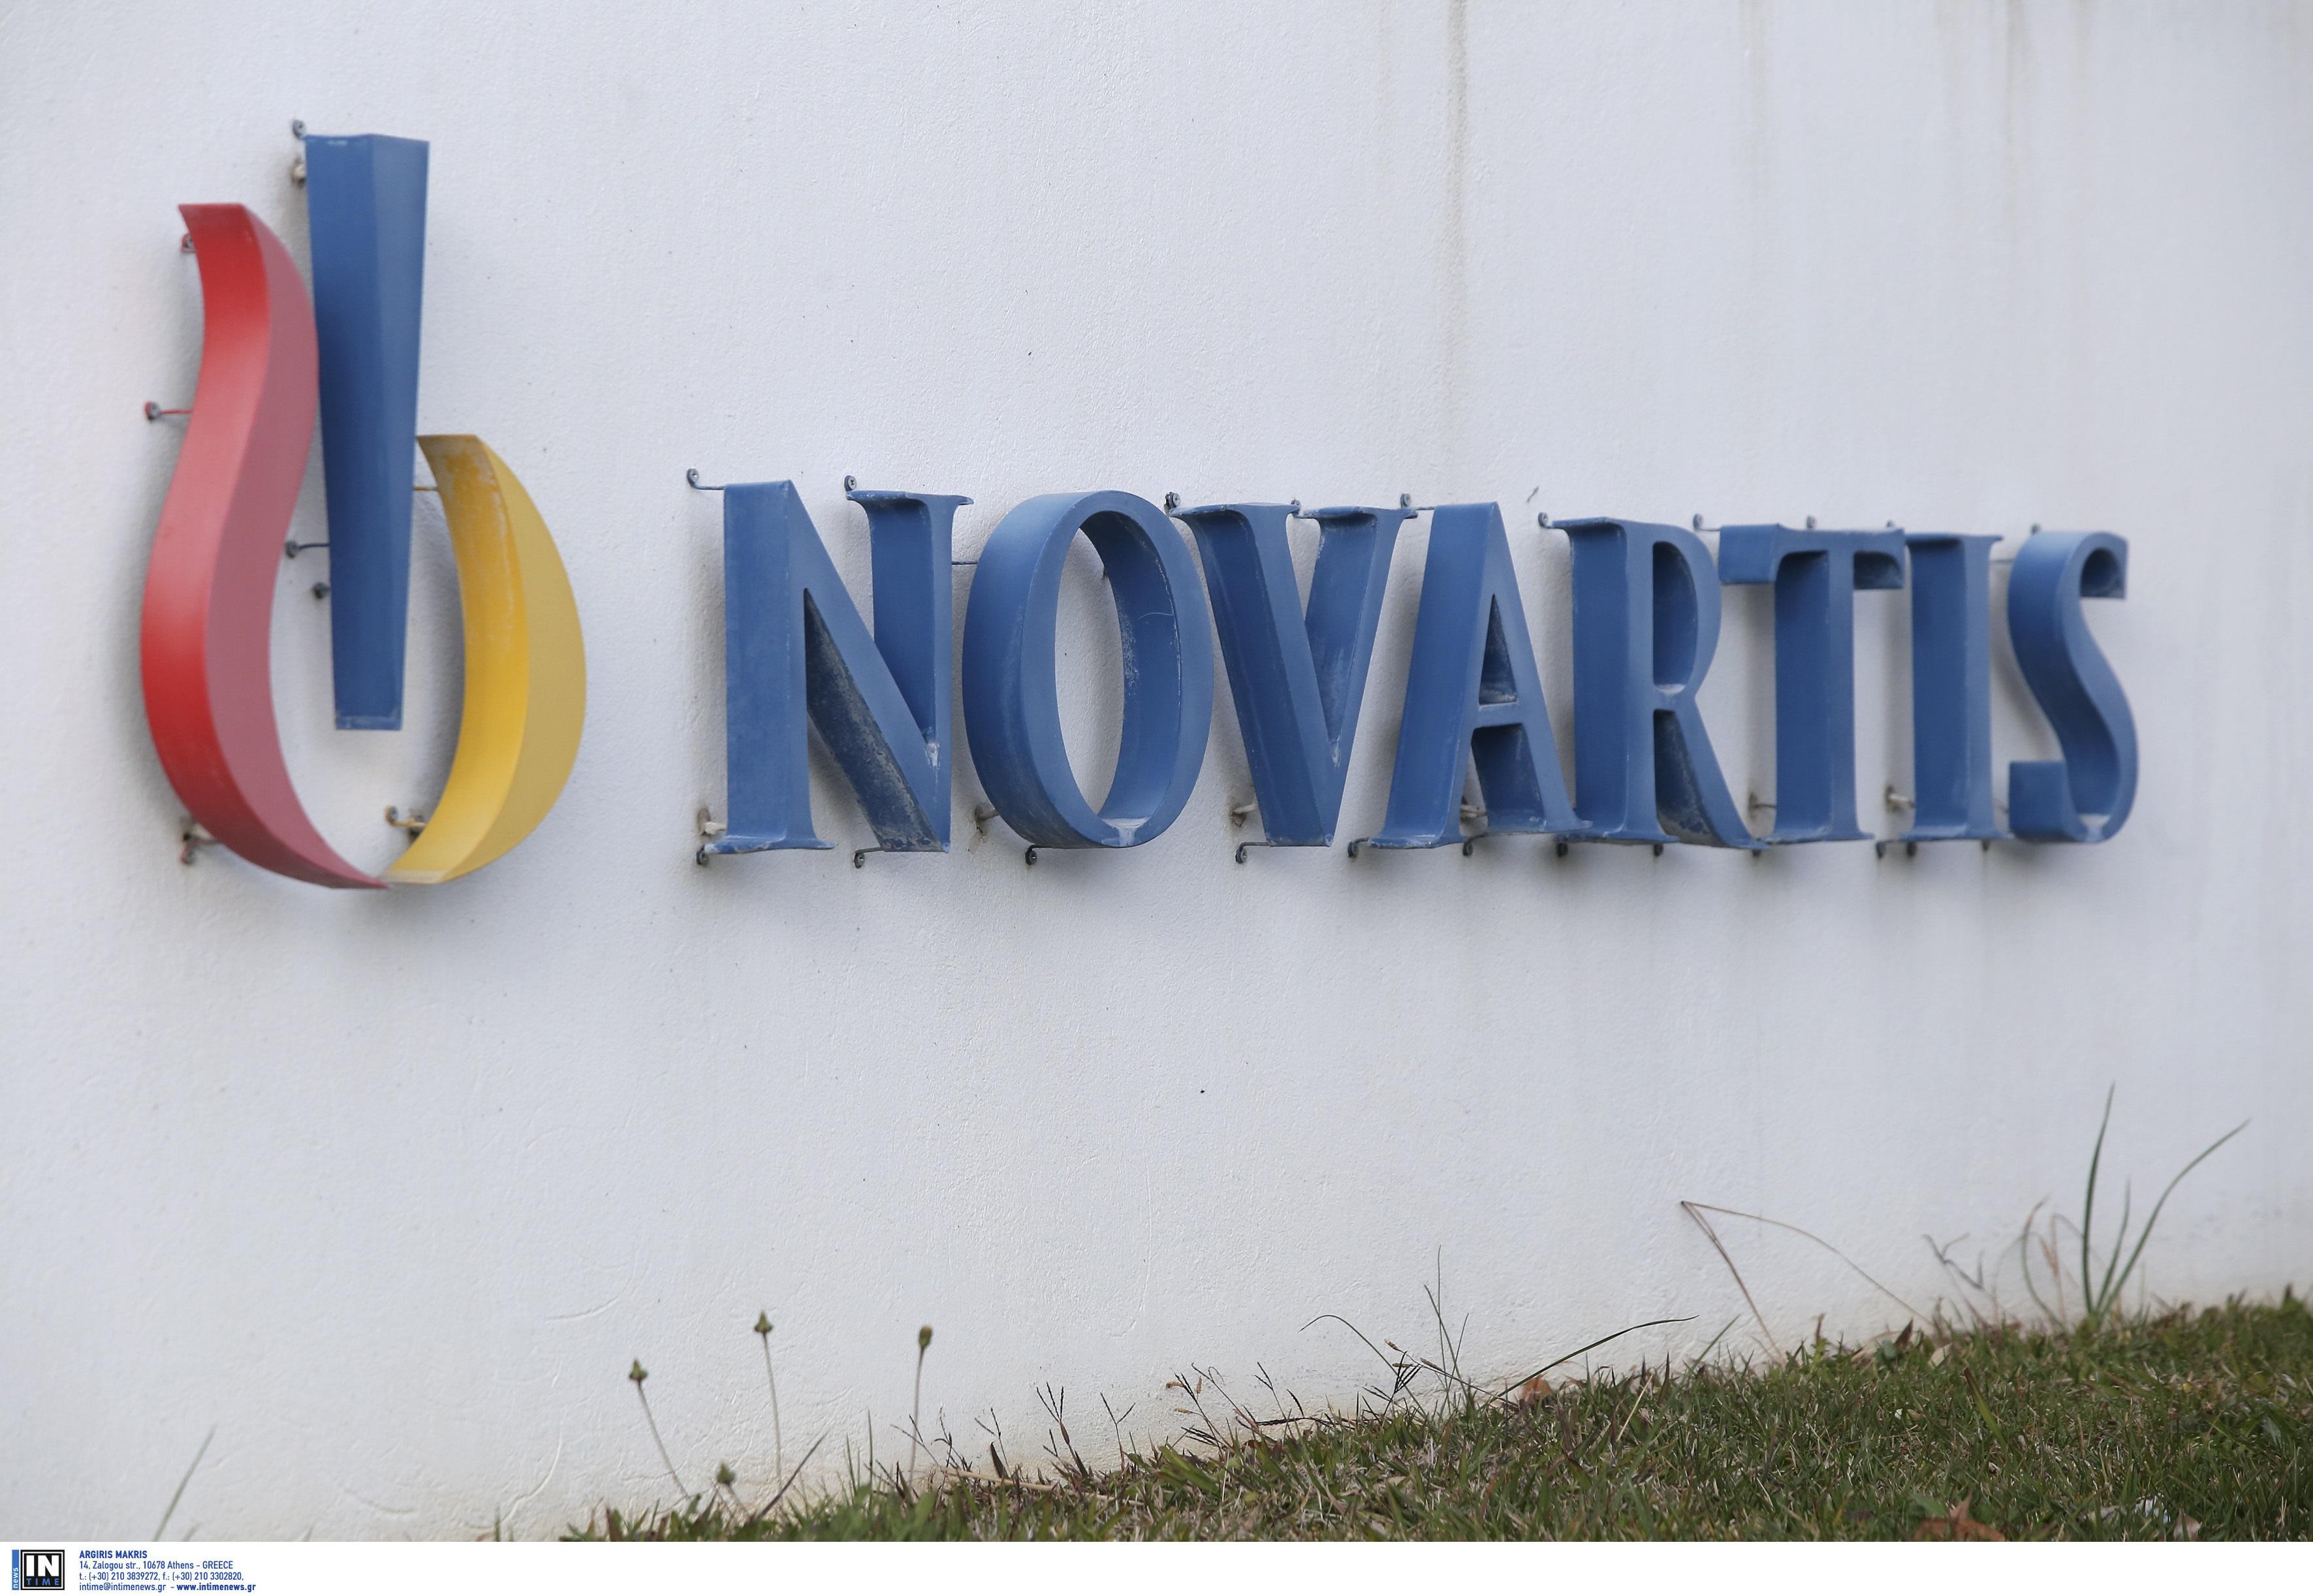 Υπόθεση Novartis: Καταθέτουν σήμερα ο Παναγιώτης Πικραμένος και ο Άδωνις Γεωργιάδης